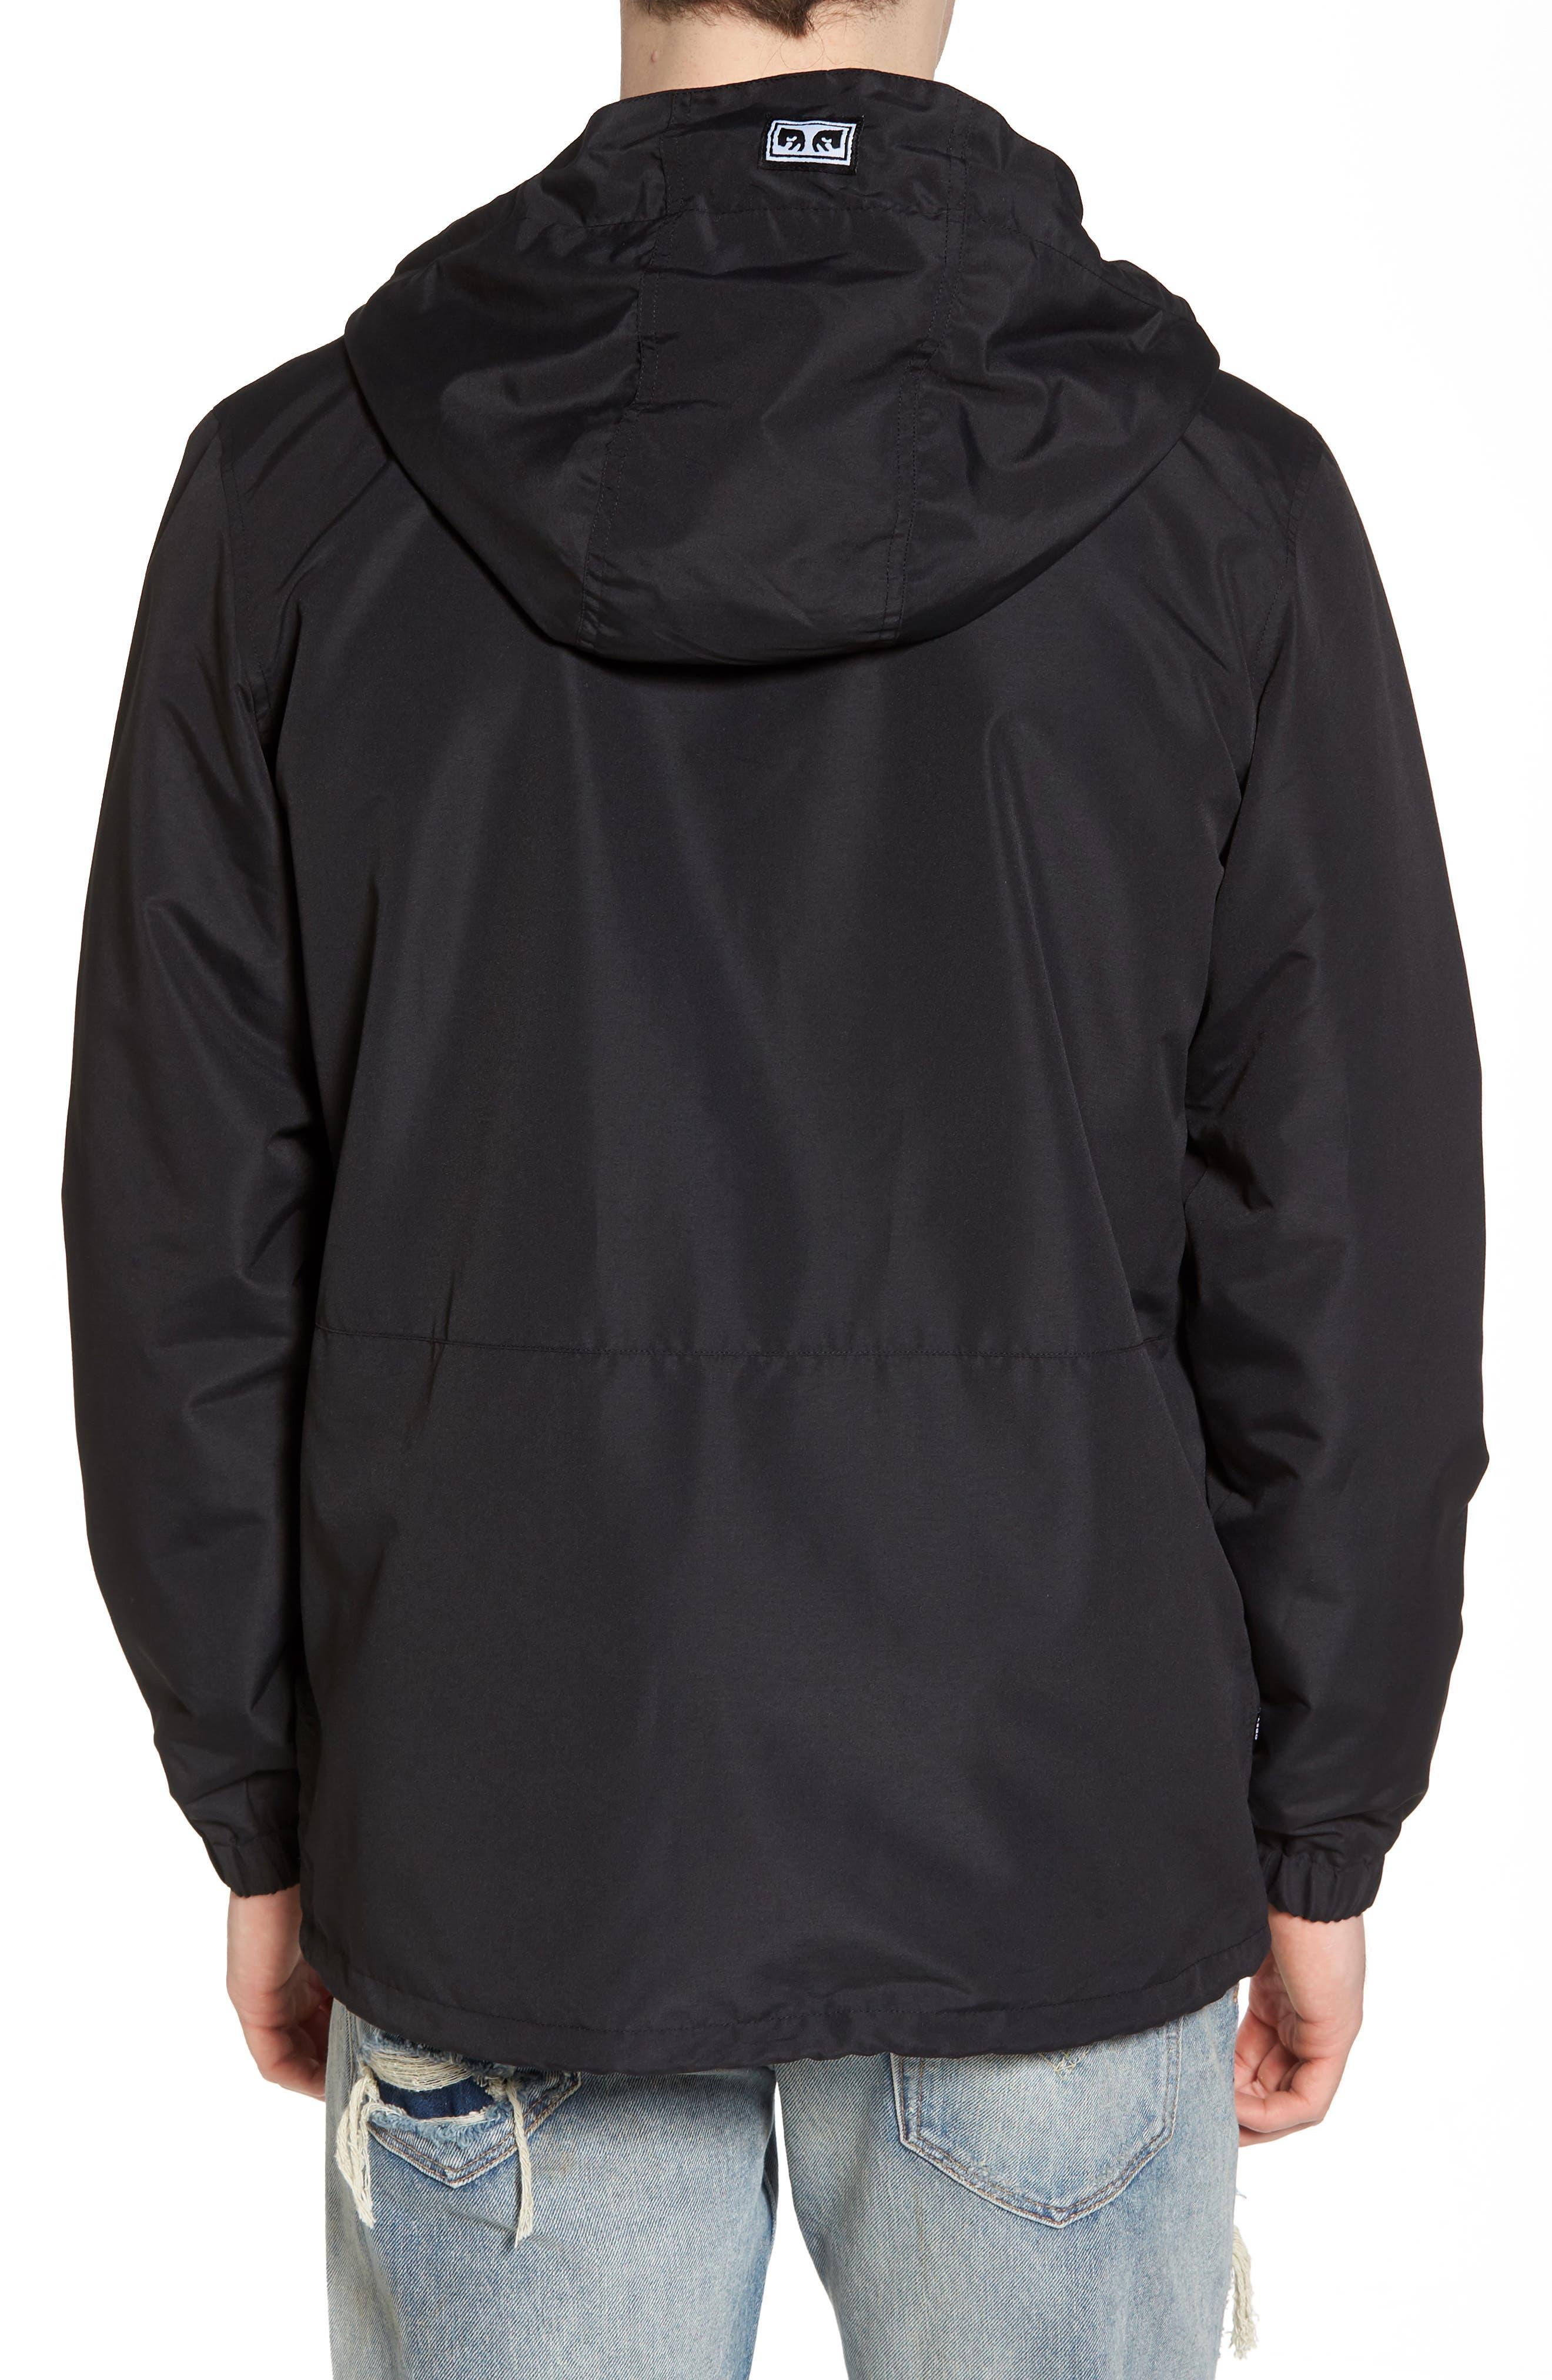 Ambush Hooded Jacket,                             Alternate thumbnail 2, color,                             001